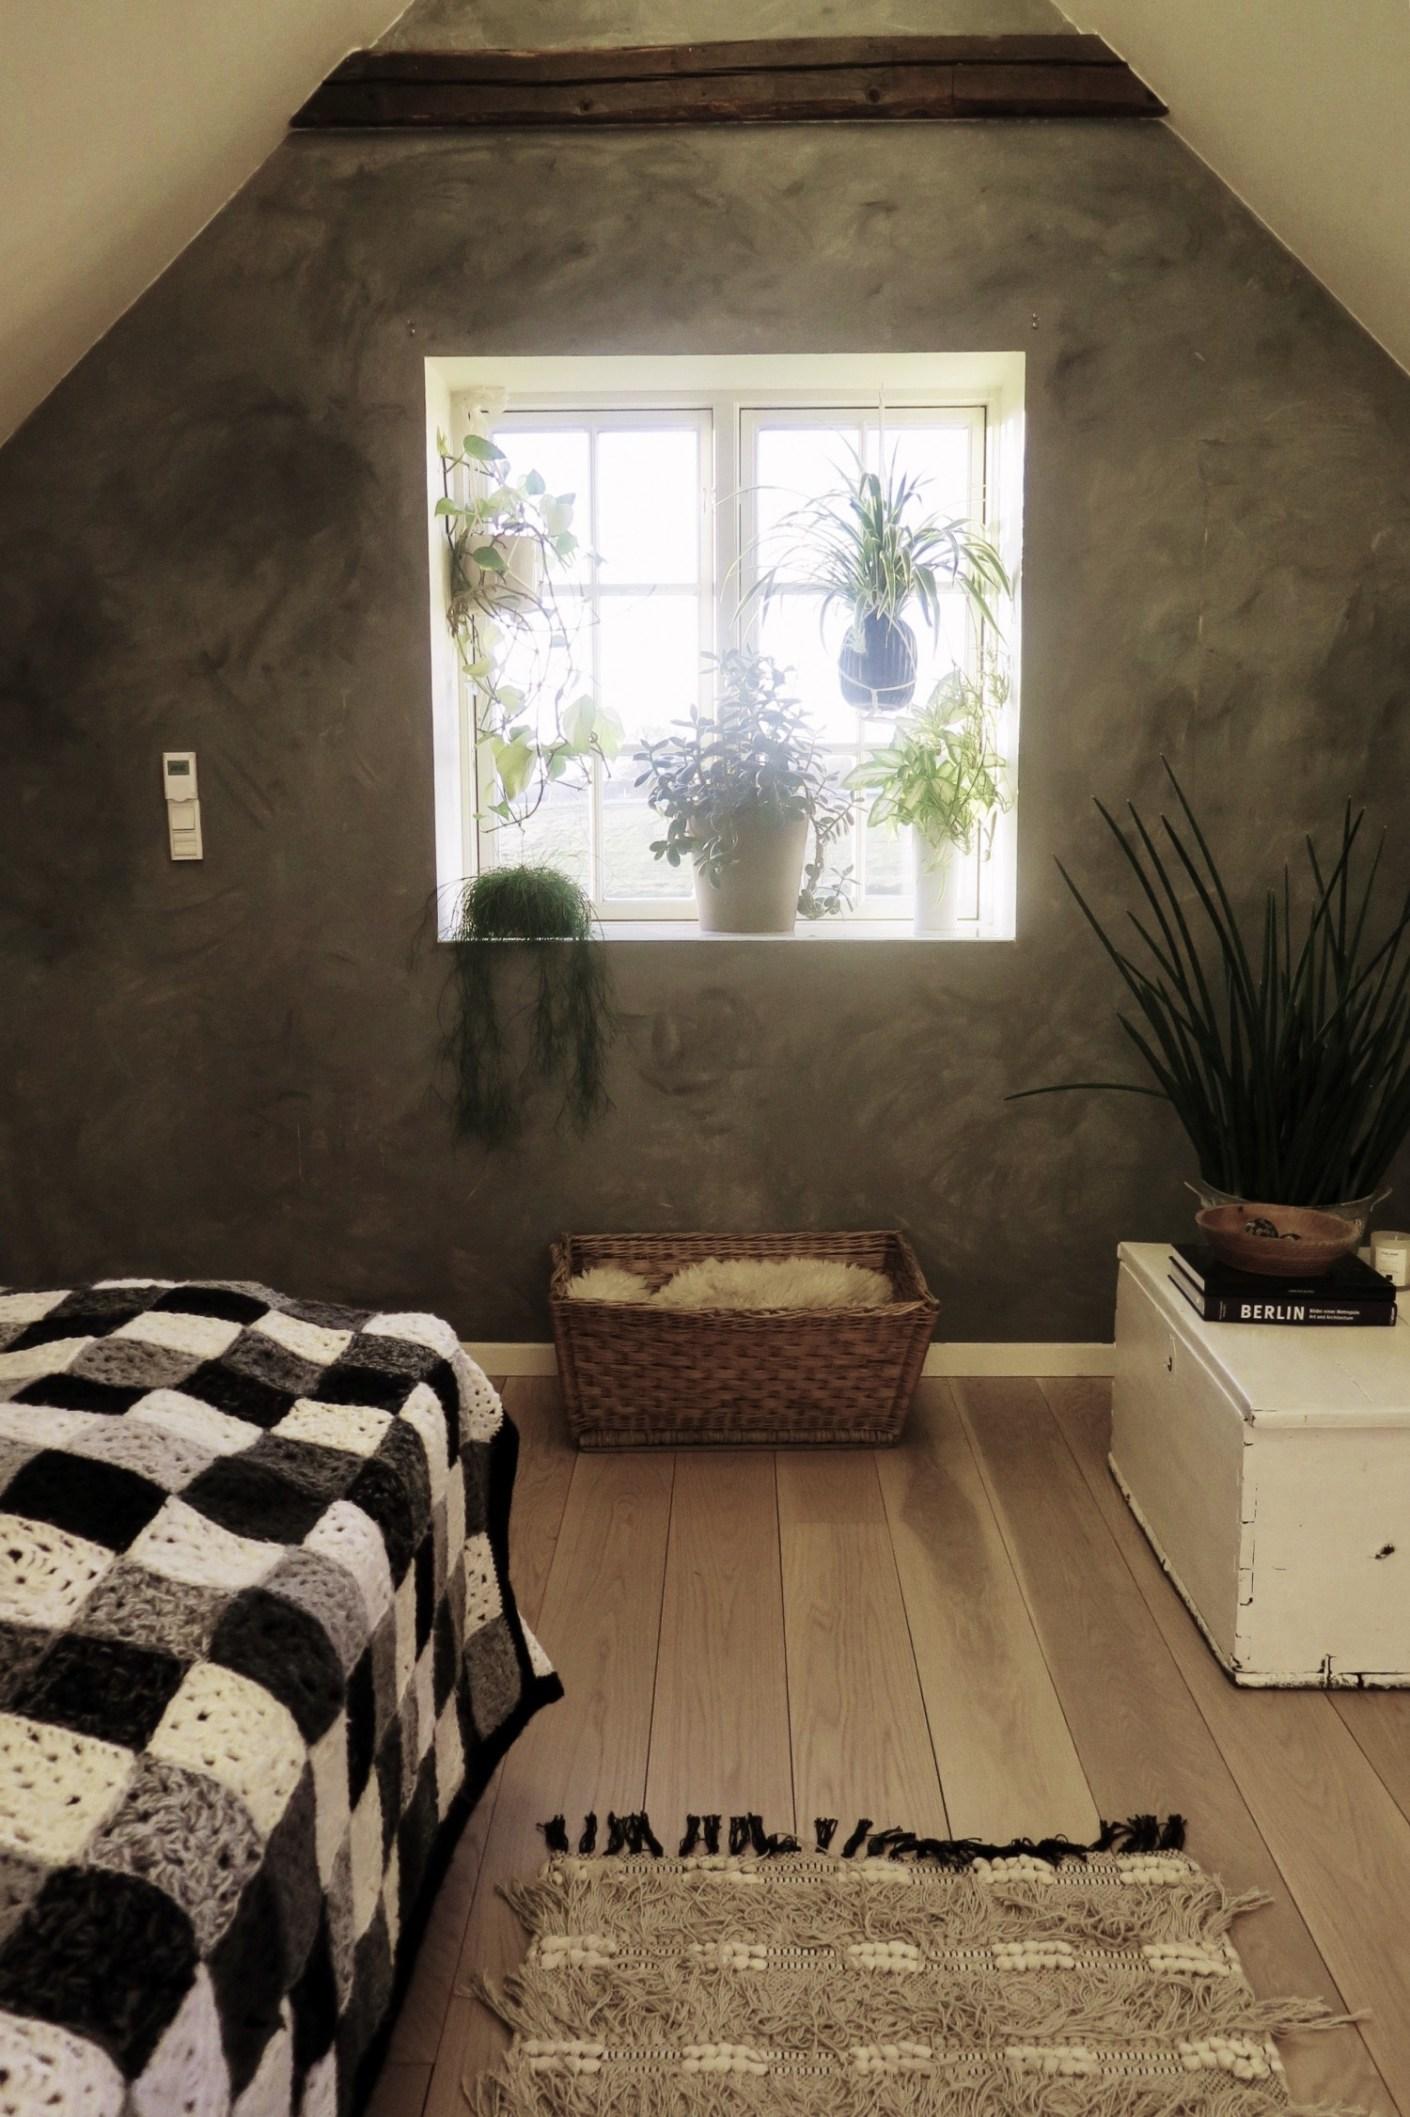 malet væg i beton-look